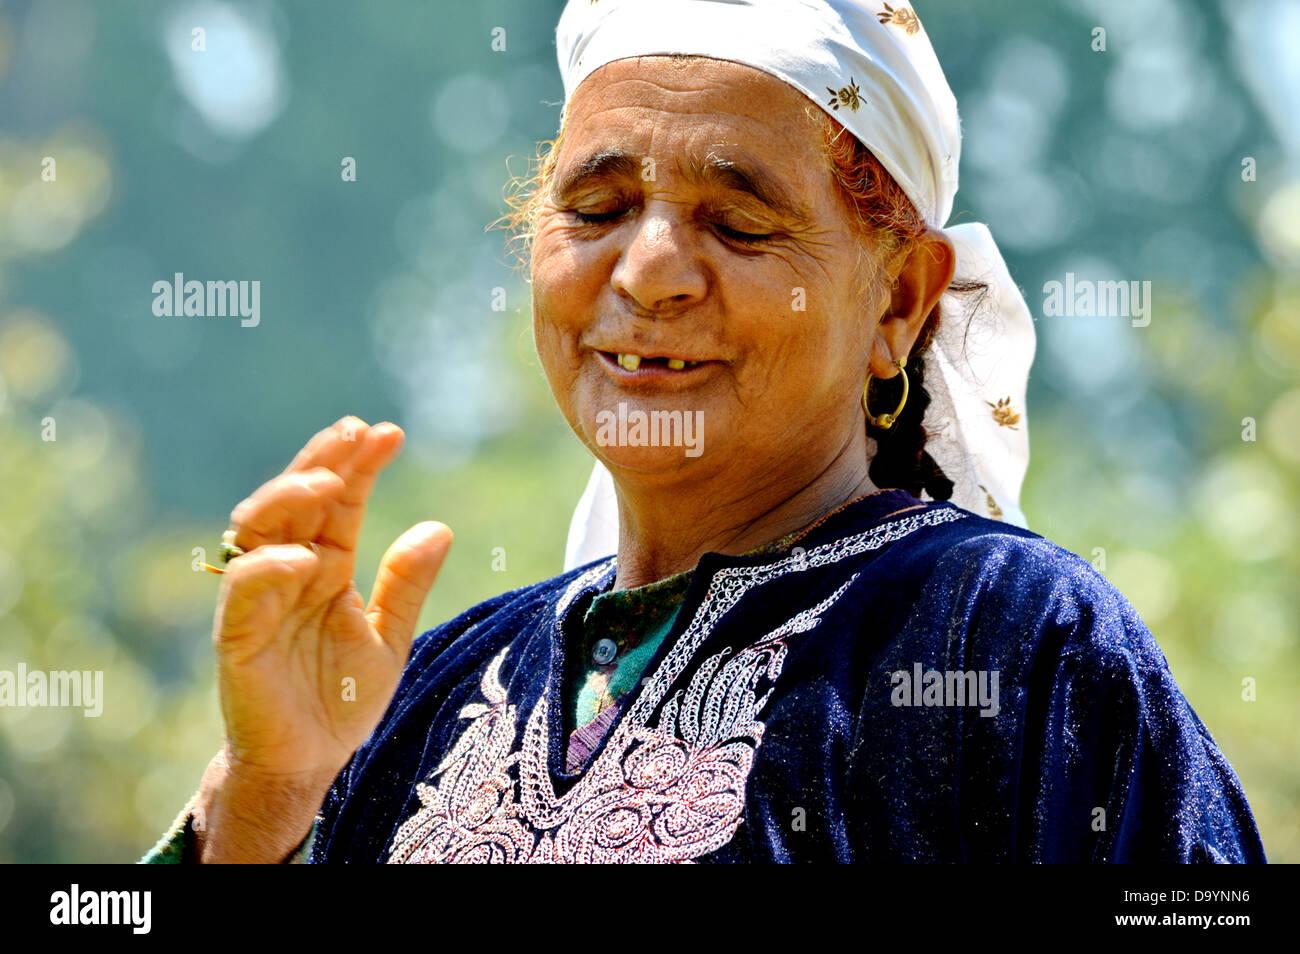 Vieja Mujer, Mujer, mujer musulmana de Cachemira, el Islam, el Anciano, feliz, el contenido, la edad, las arrugas, Imagen De Stock